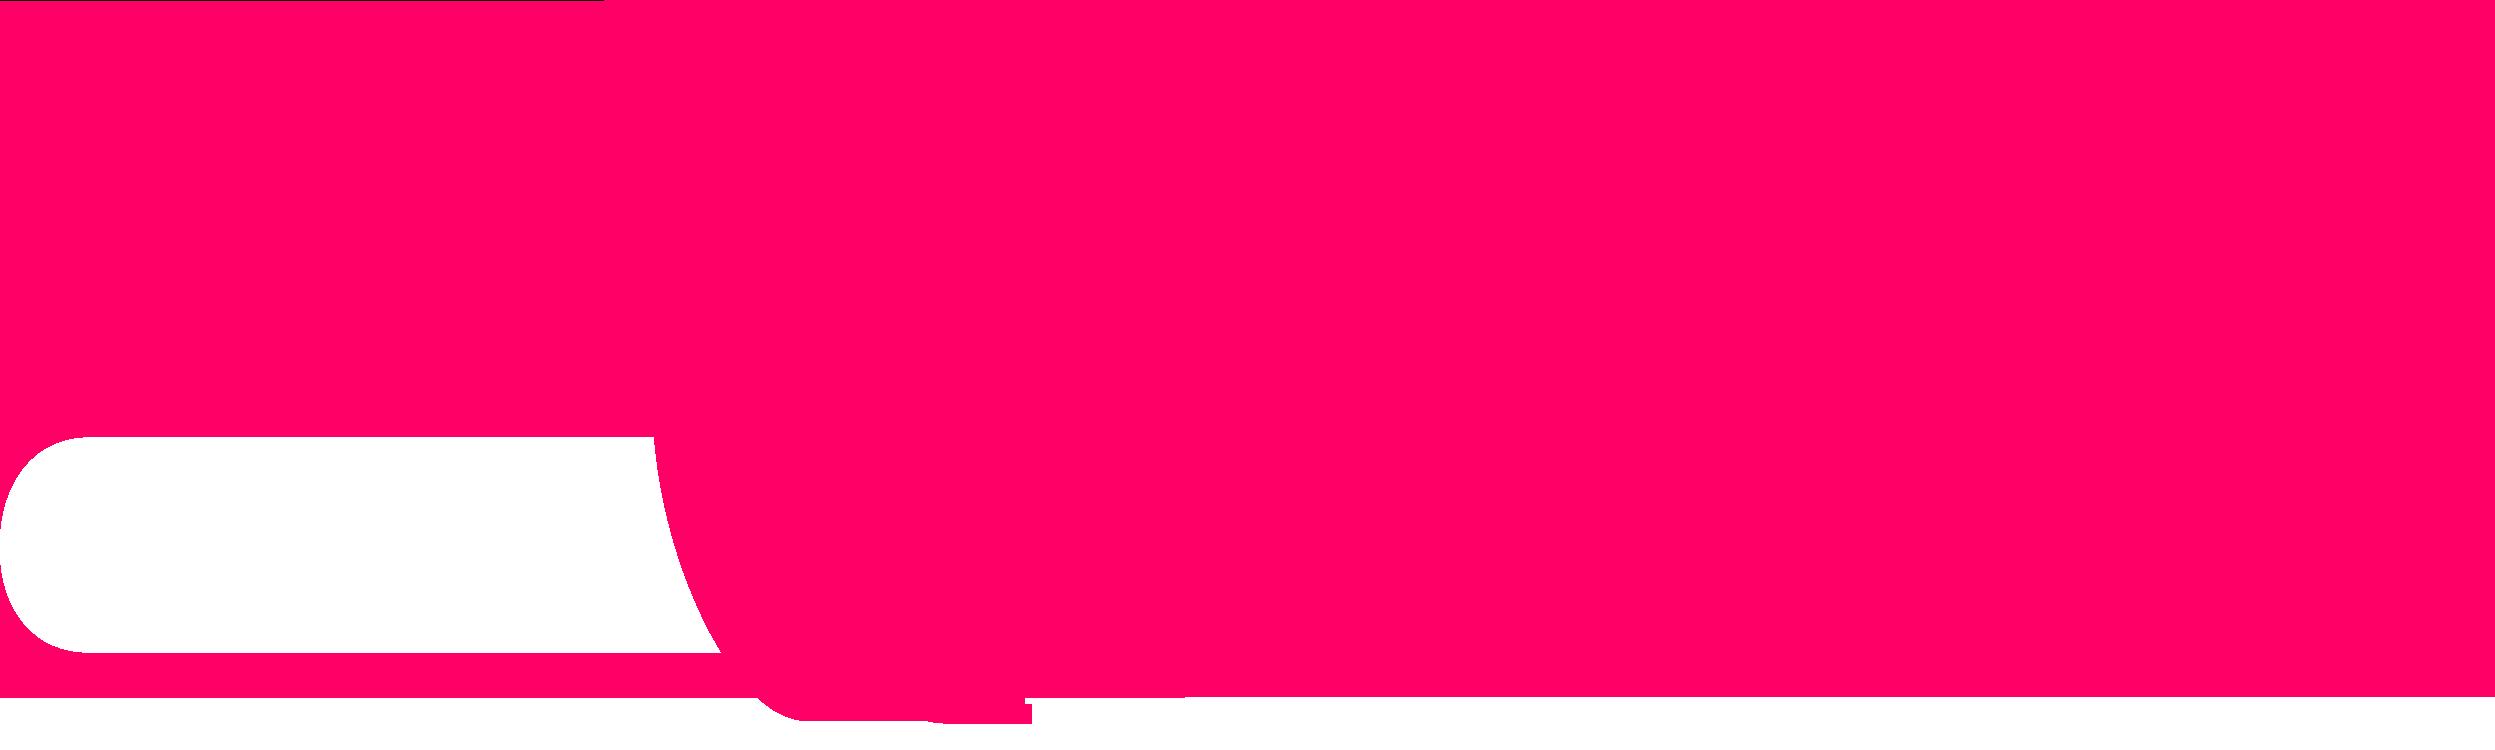 CHEZWaWa logo